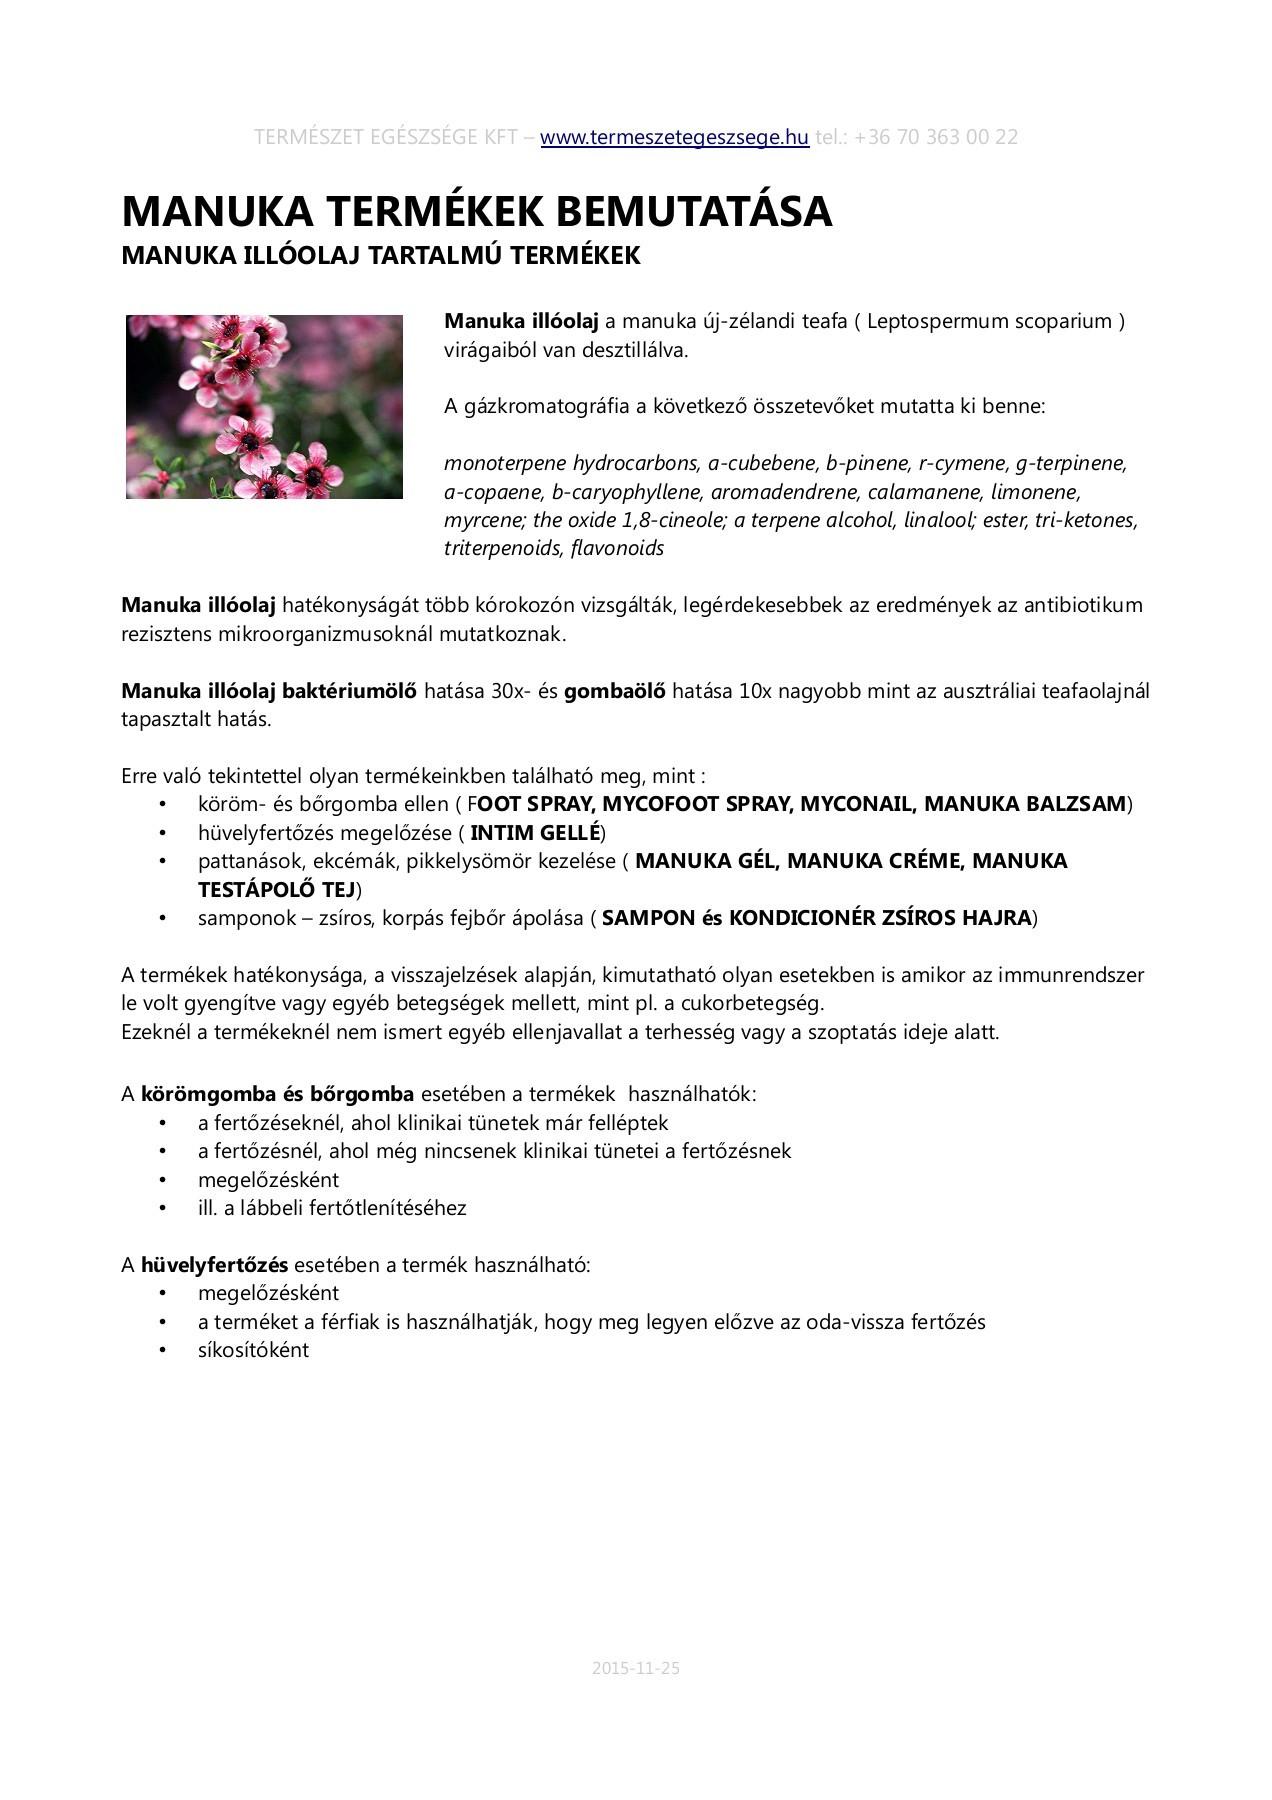 Pattanások a péniszen: diagnózis, okai a kis buborékok és a mitesszerek - Wen September